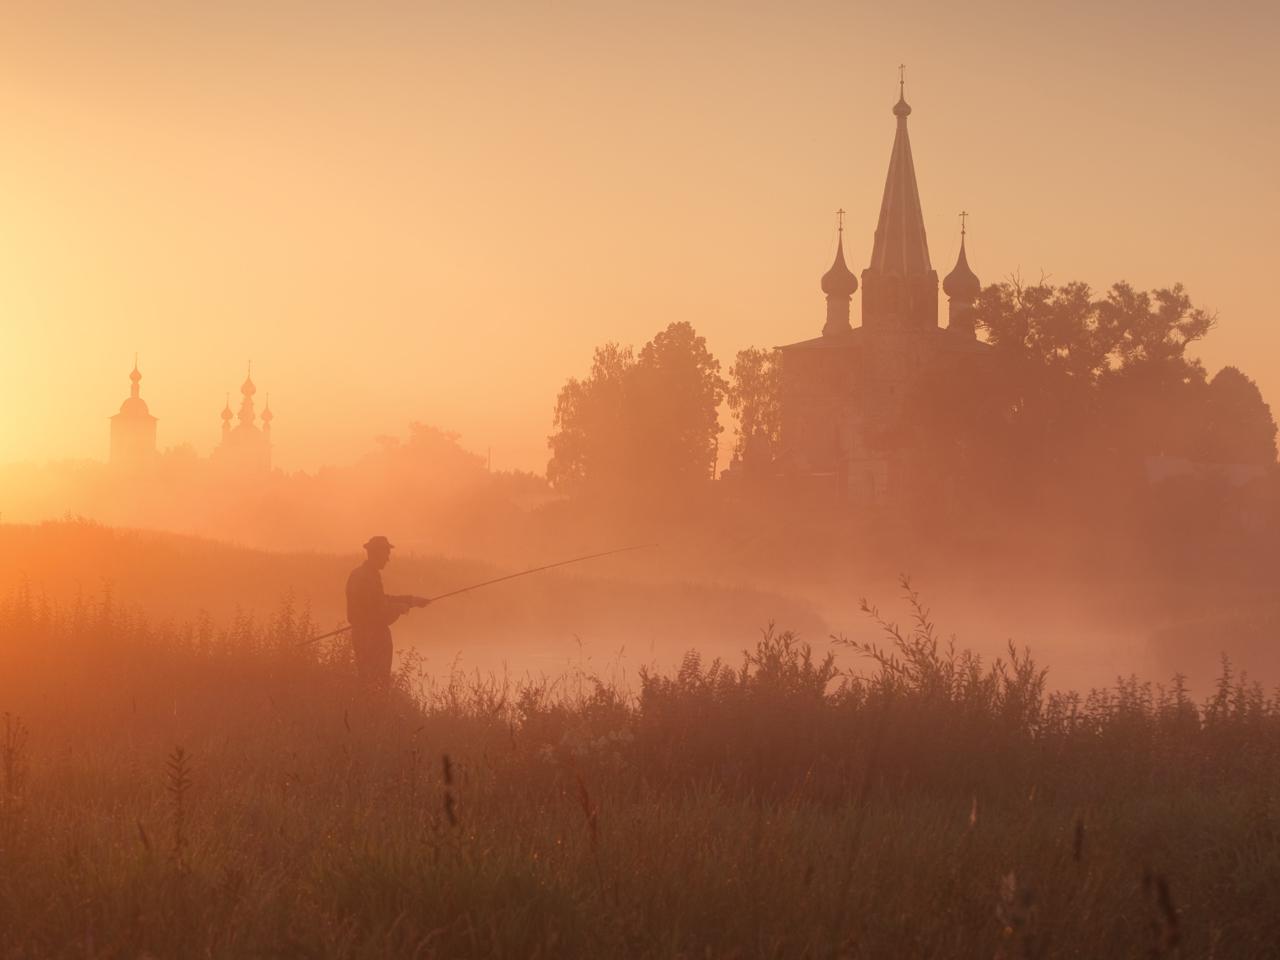 Фото: Сергей Новожилов